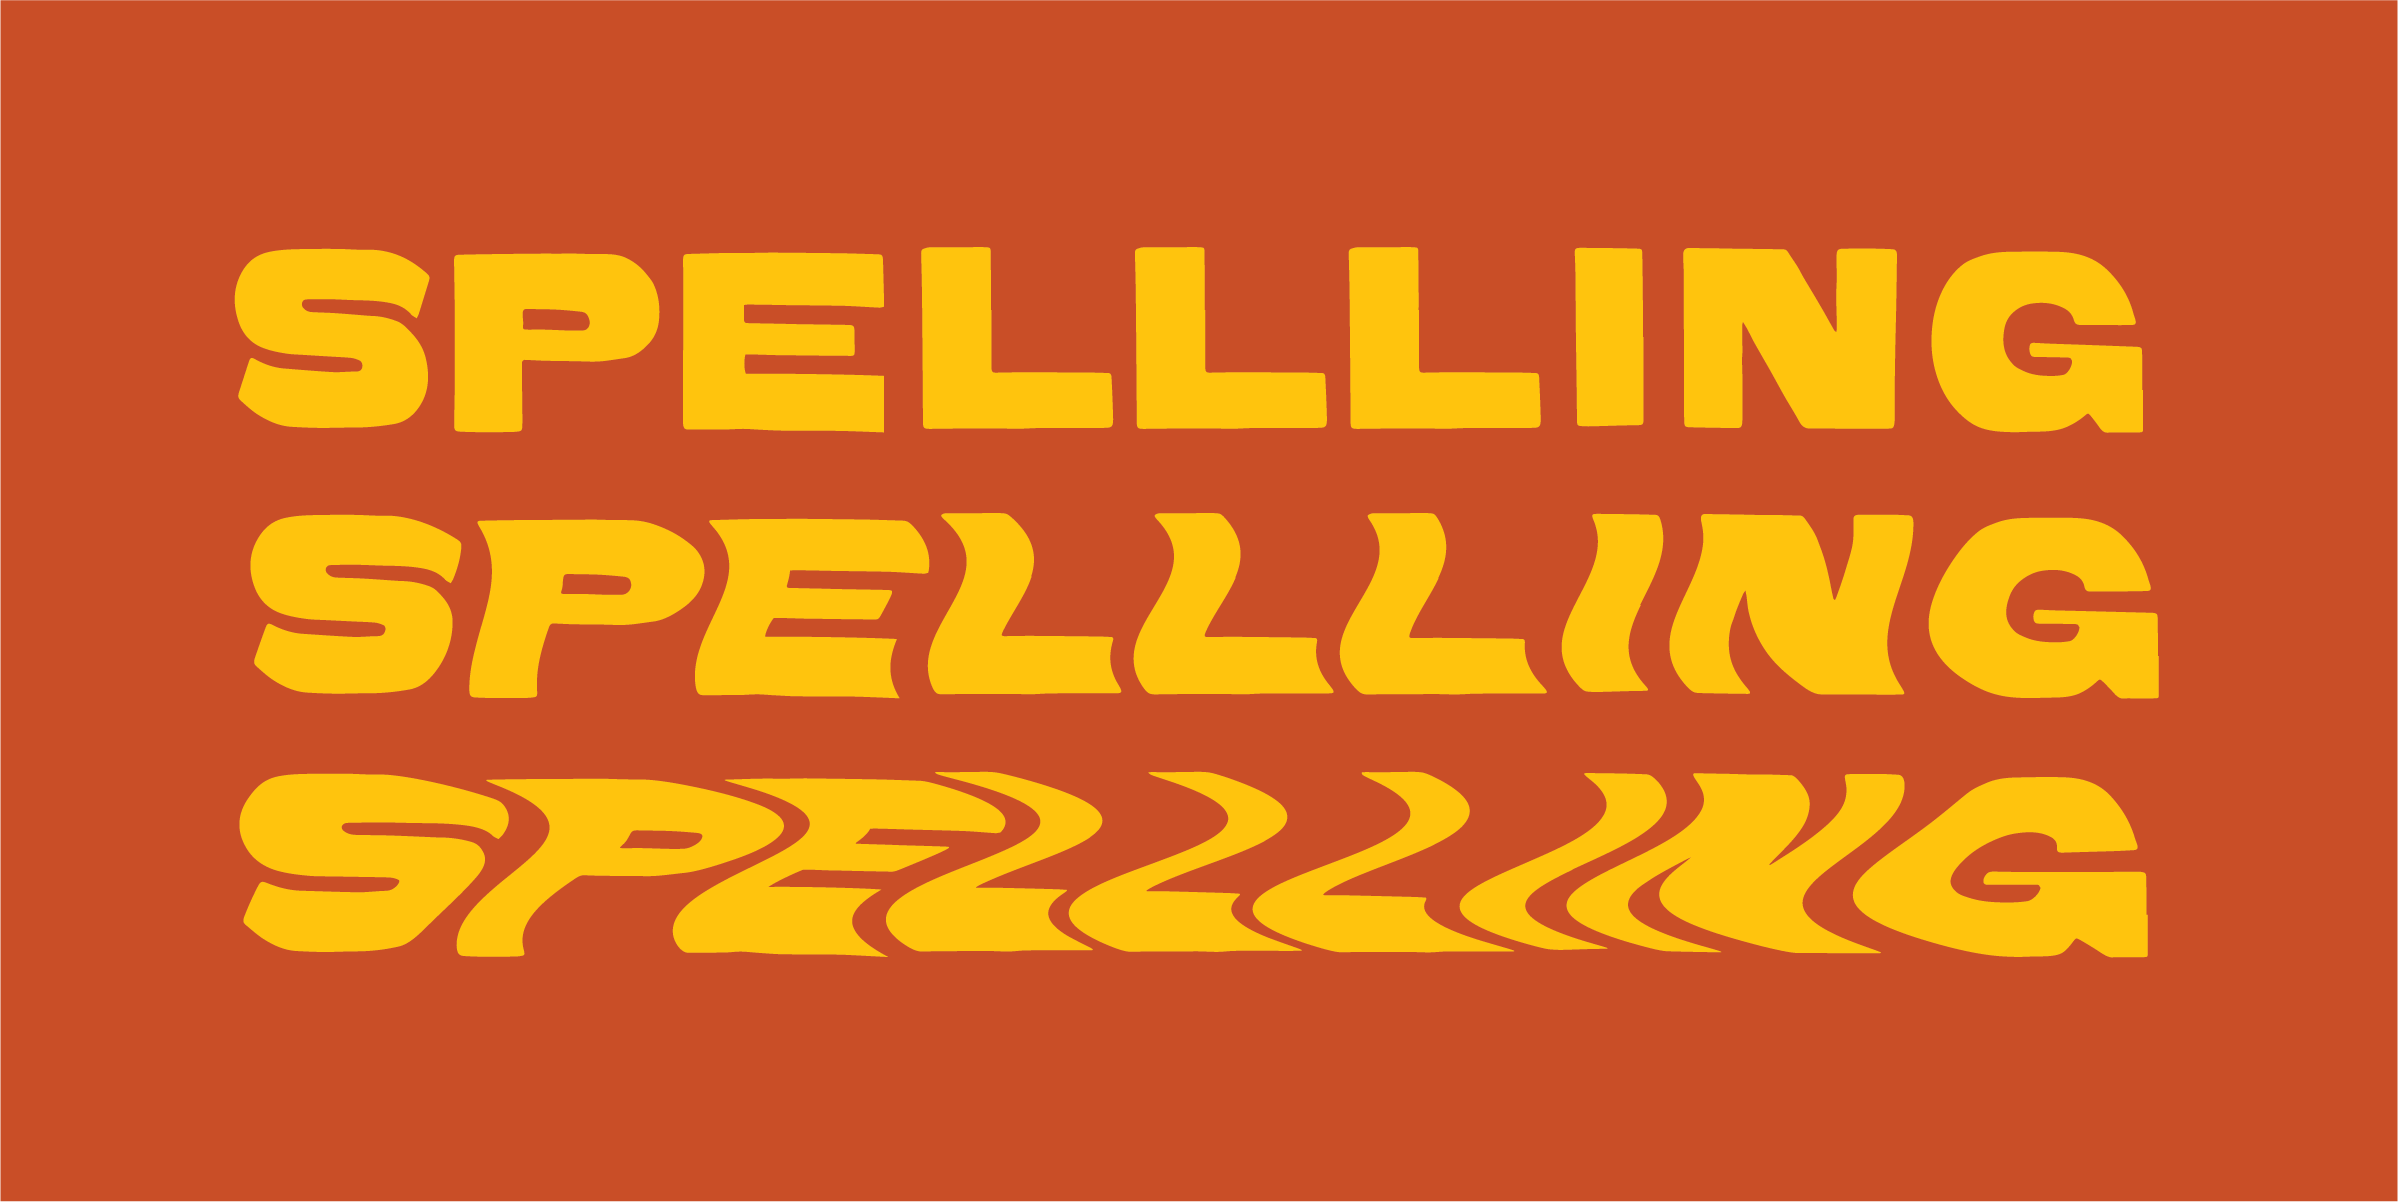 Spellling_Logo2_OrangeYellow.png